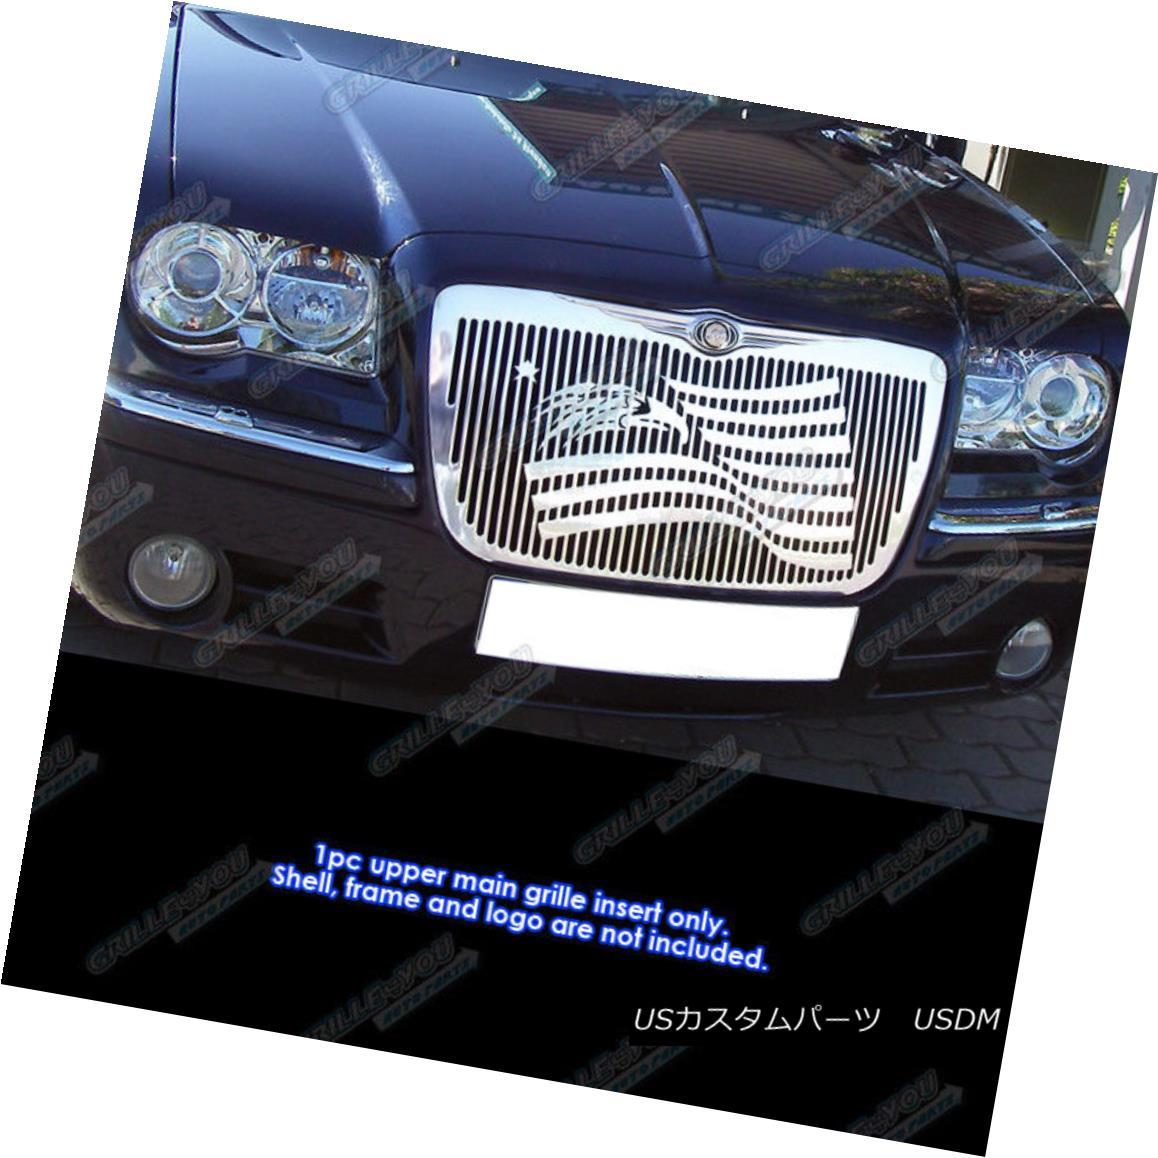 グリル Fits 2005-2010 Chrysler 300/300C Symbolic Grille Insert 2005?2010年のChrysler 300 / 300Cシンボリックグリルインサートに適合